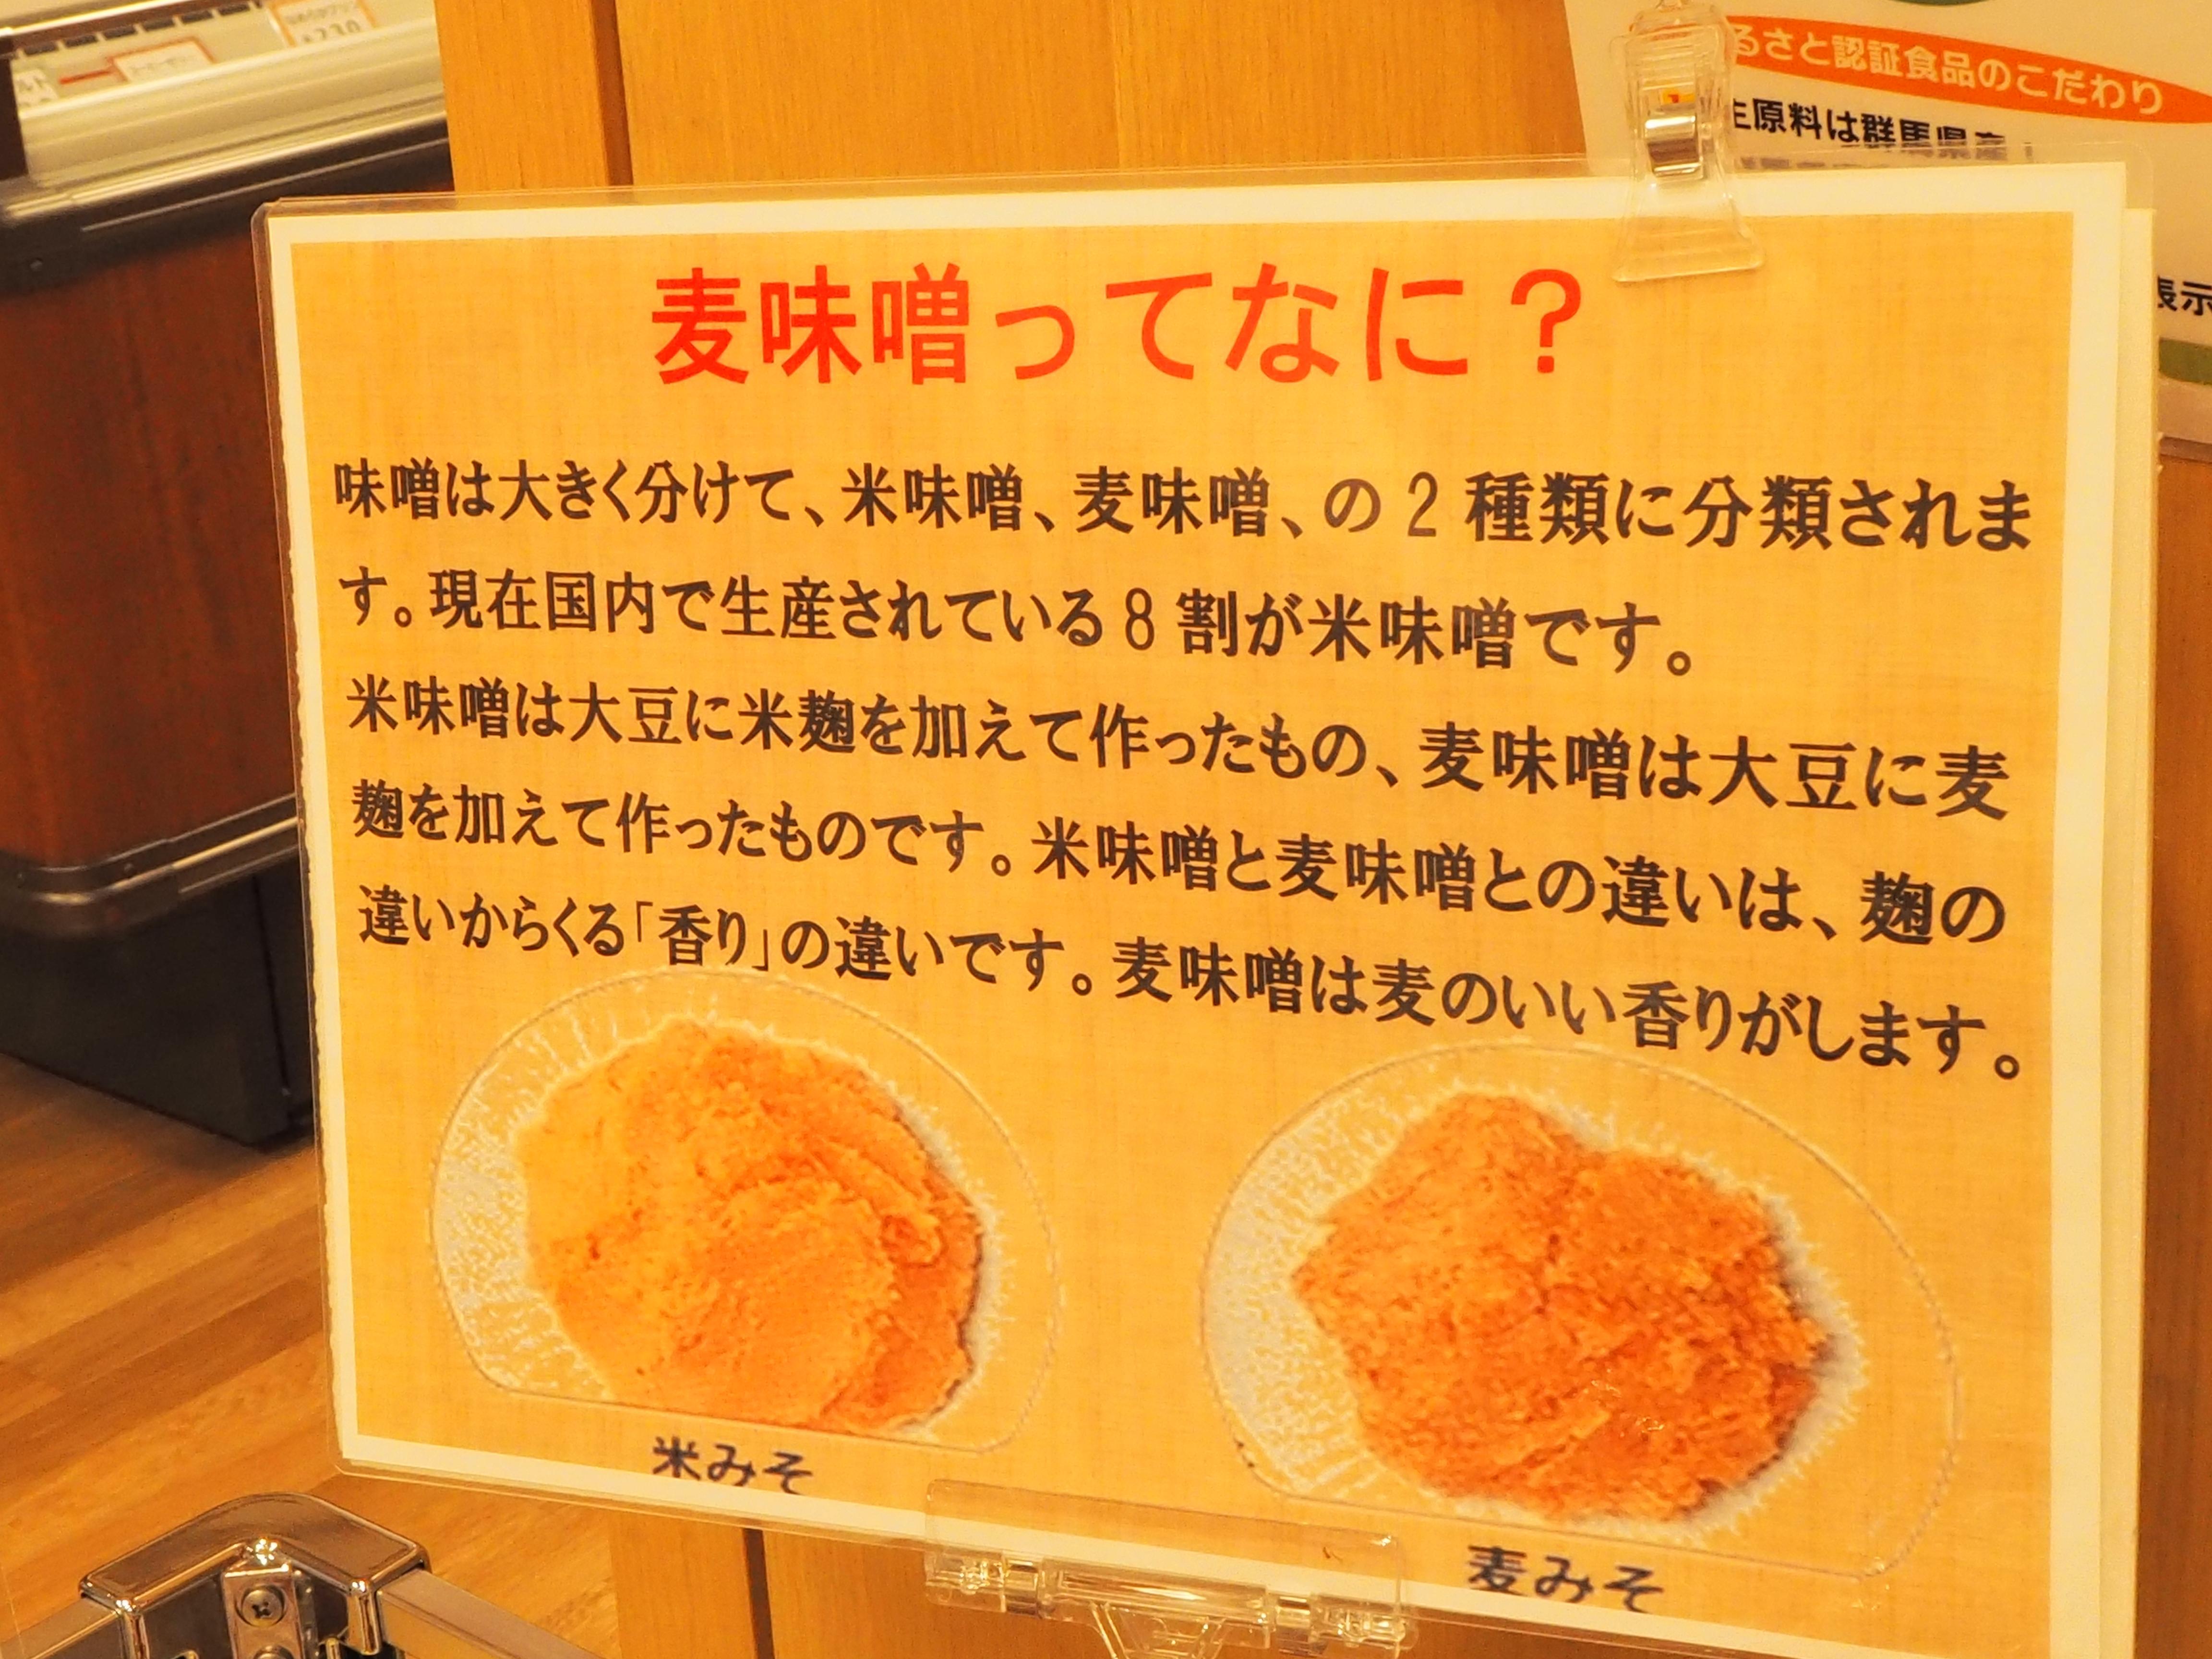 麦味噌 説明